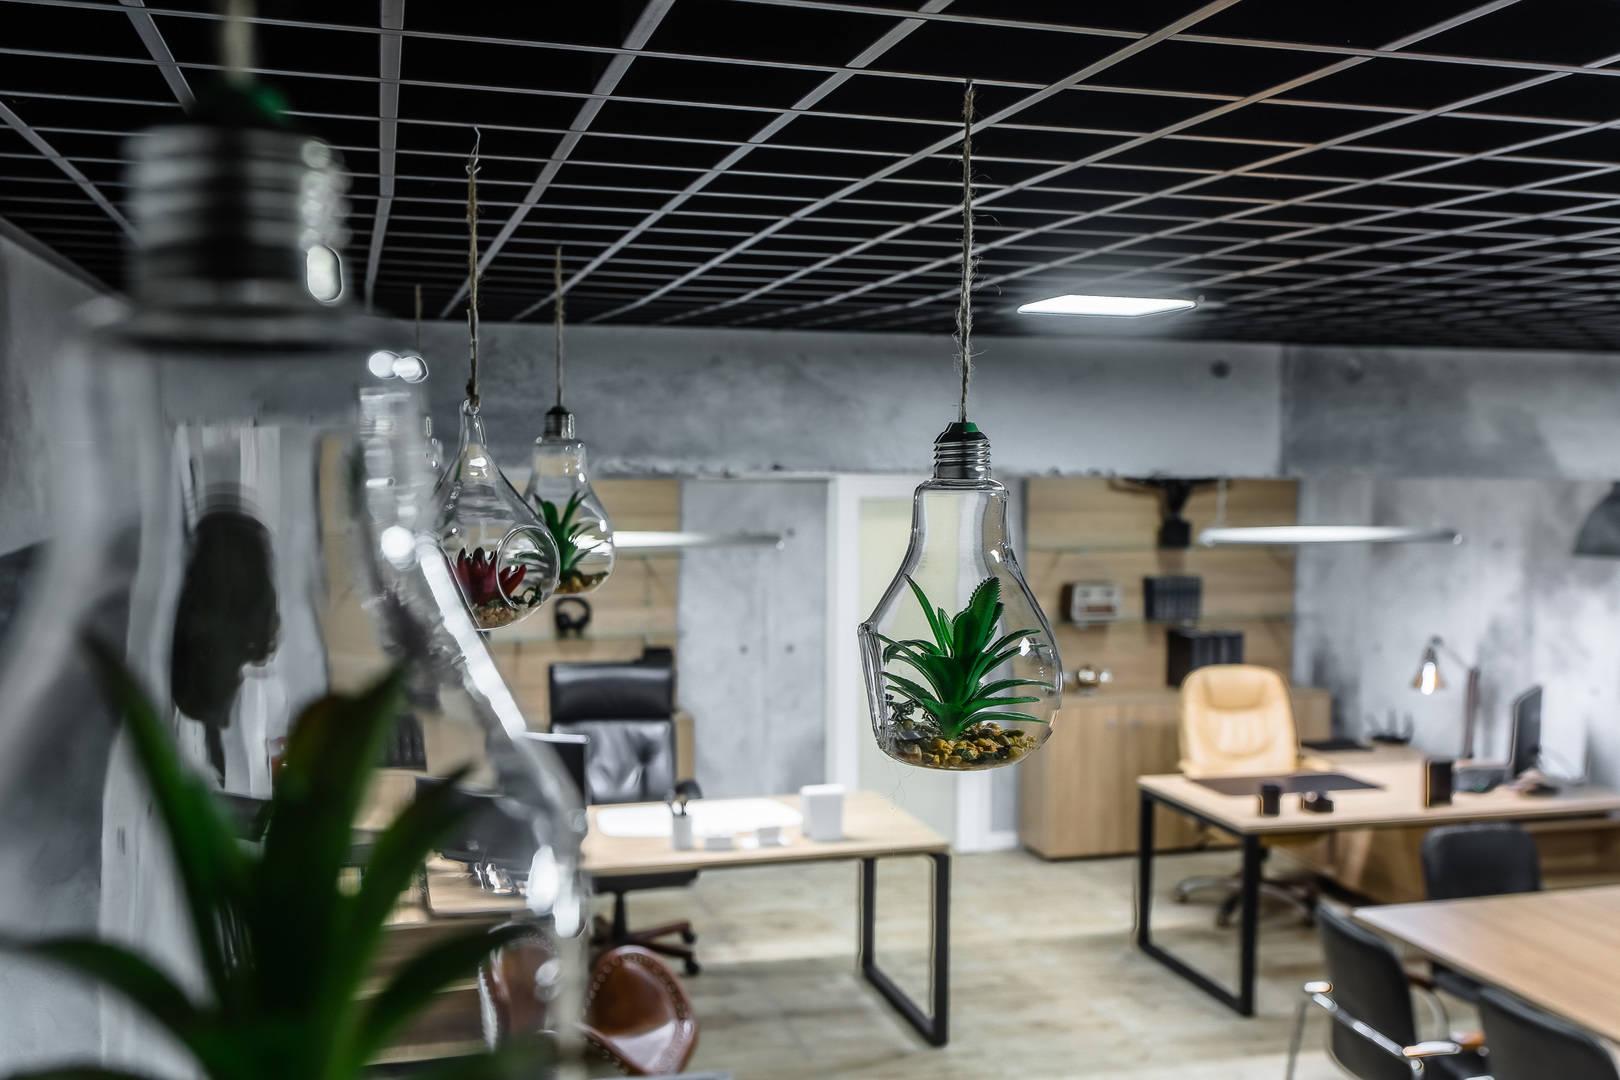 Проект офиса «Полёт фантазии» вошёл в ТОП-100 лучших российских интерьеров года престижной Всероссийской профессиональной премии BEST PUBLIC SPACE Professional Design Award 2019